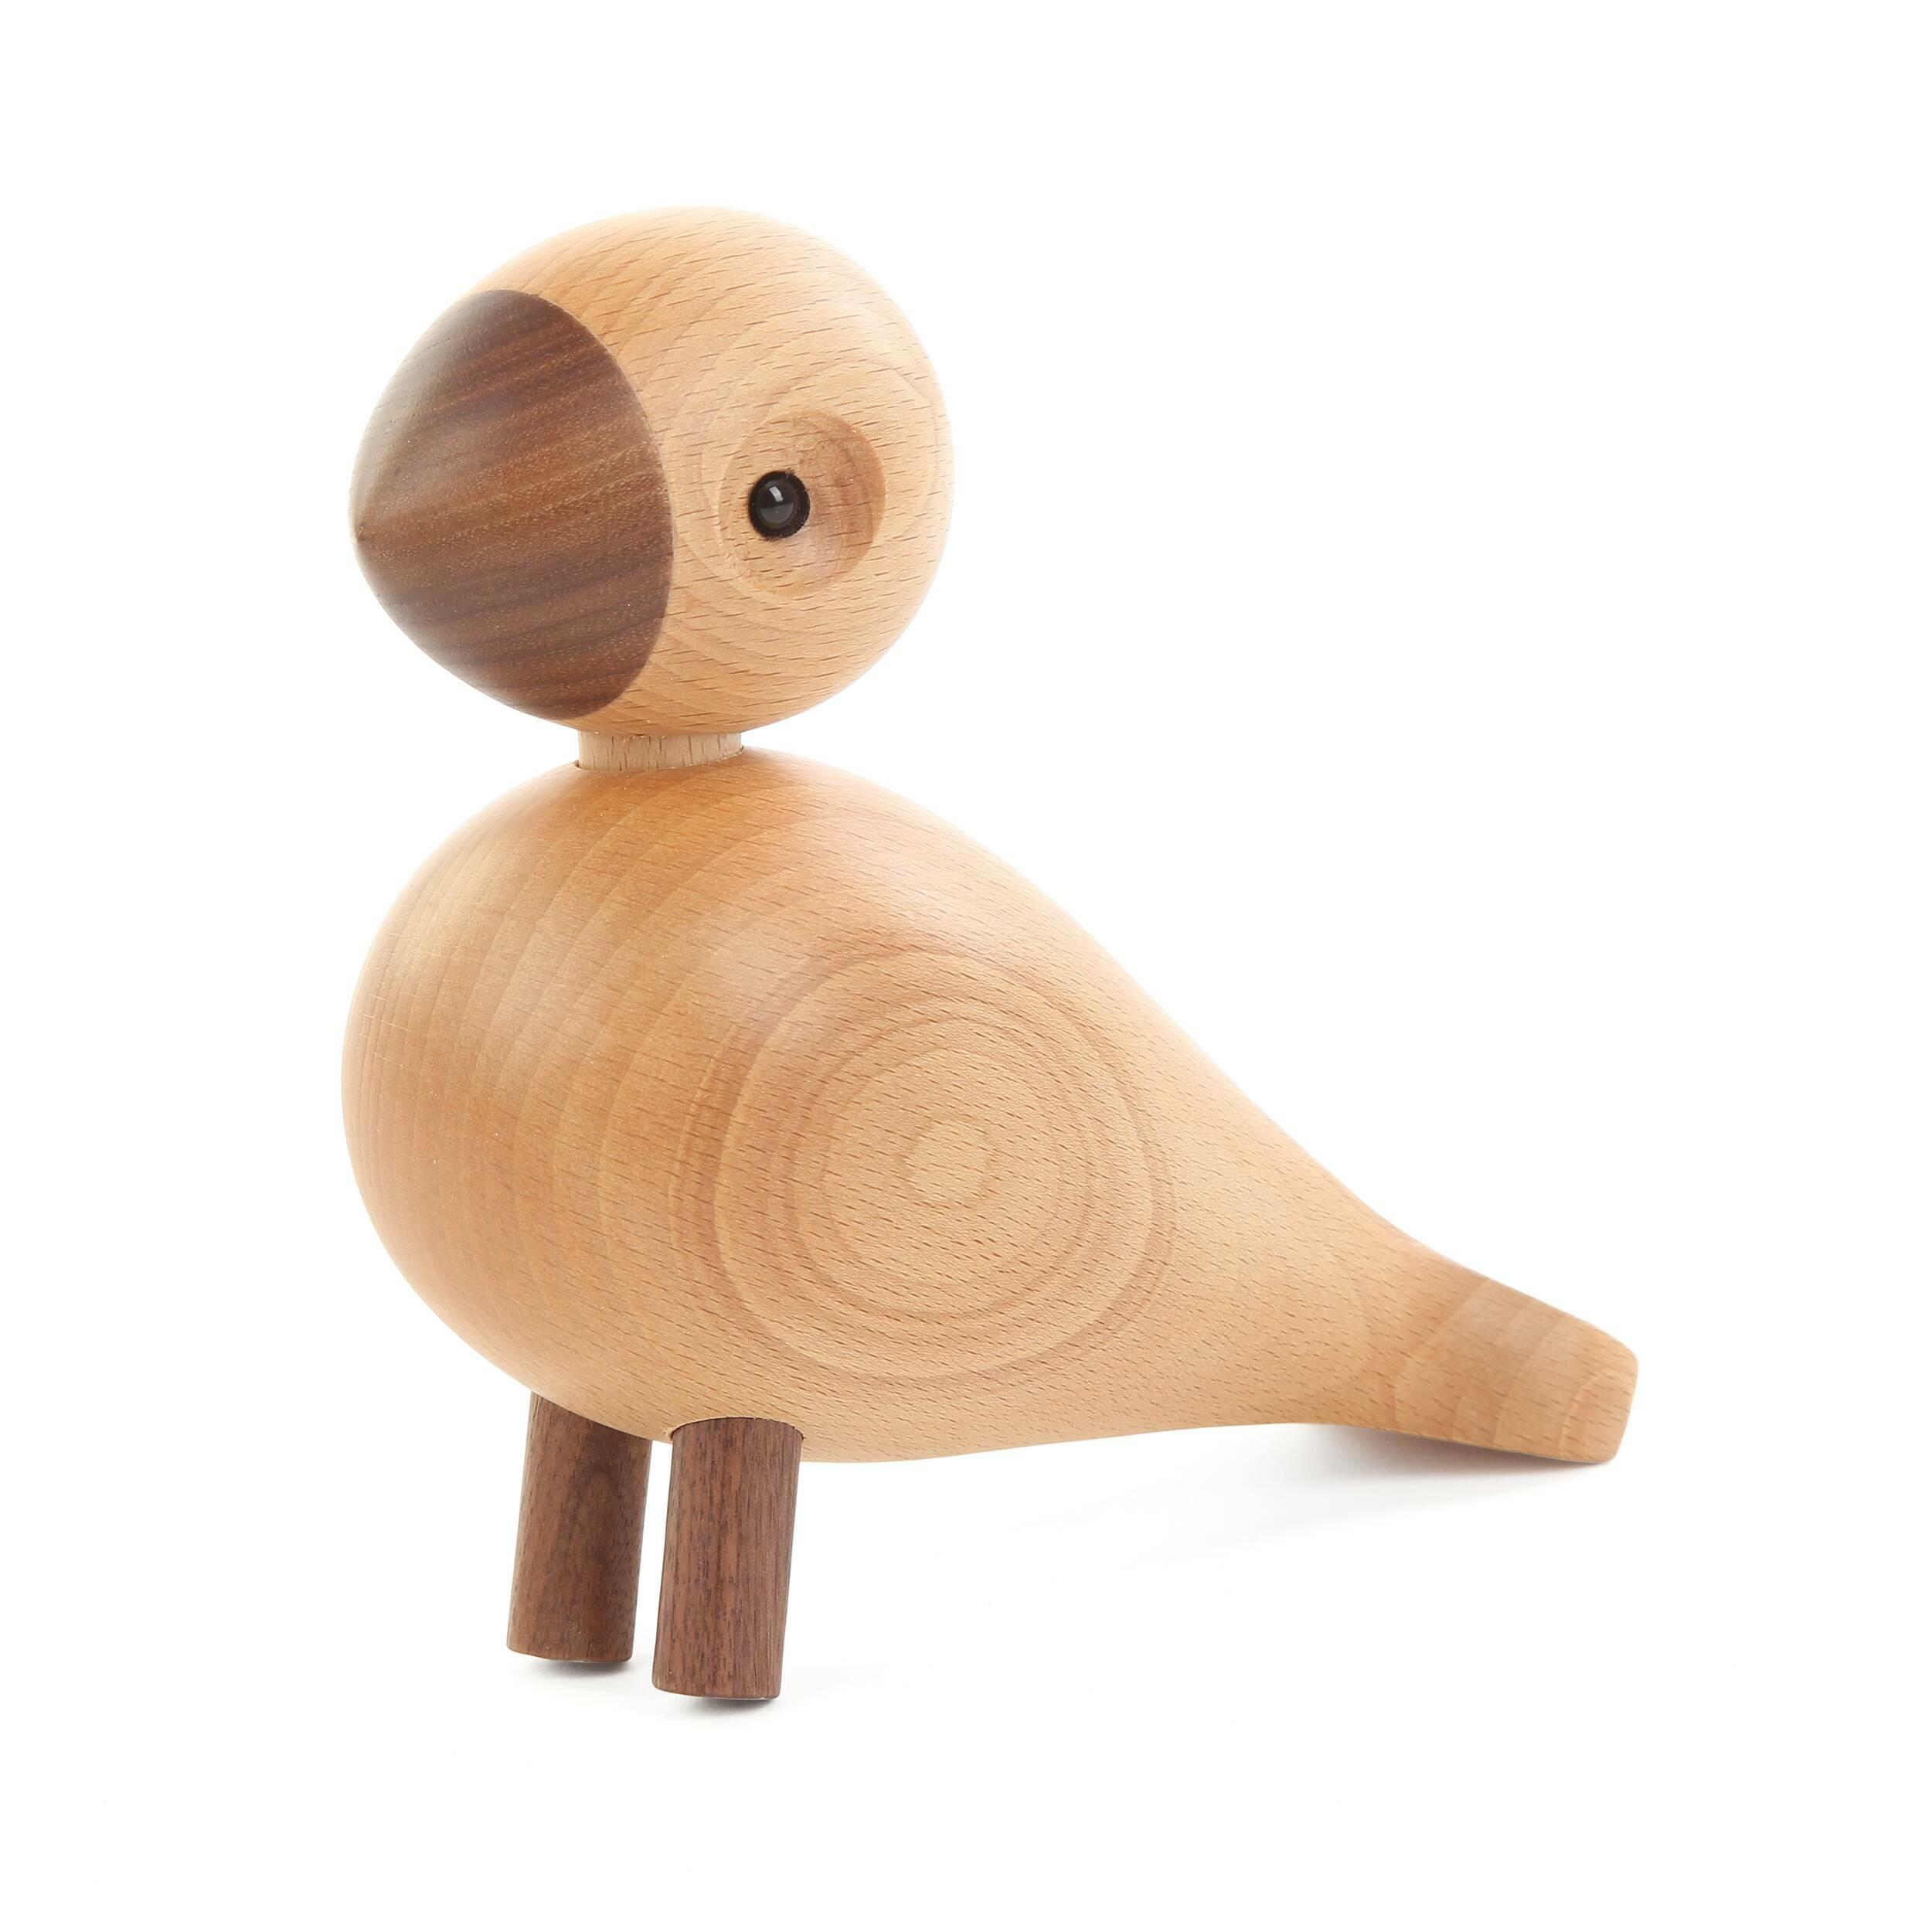 Статуэтка LovebirdНастольные<br>Одно присутствие этой милой птички способно преобразить помещение, сделать обстановку мягче, а атмосферу – более приветливой. Оригинальная статуэтка Lovebird (Лавберд) обладает гармоничным и дружелюбным характером. Она станет прекрасным дополнением детской или интересным украшением для гостиной комнаты.<br><br><br> Это очаровательное творение сделано из двух ценных пород дерева – массивов бука и ореха. Оба материала обладают высокой прочностью и неповторимым цветовым оттенком. А самое главное, и...<br><br>stock: 19<br>Высота: 15<br>Материал: Массив бука<br>Цвет: Светло-коричневый<br>Материал дополнительный: Массив ореха<br>Цвет дополнительный: Коричневый